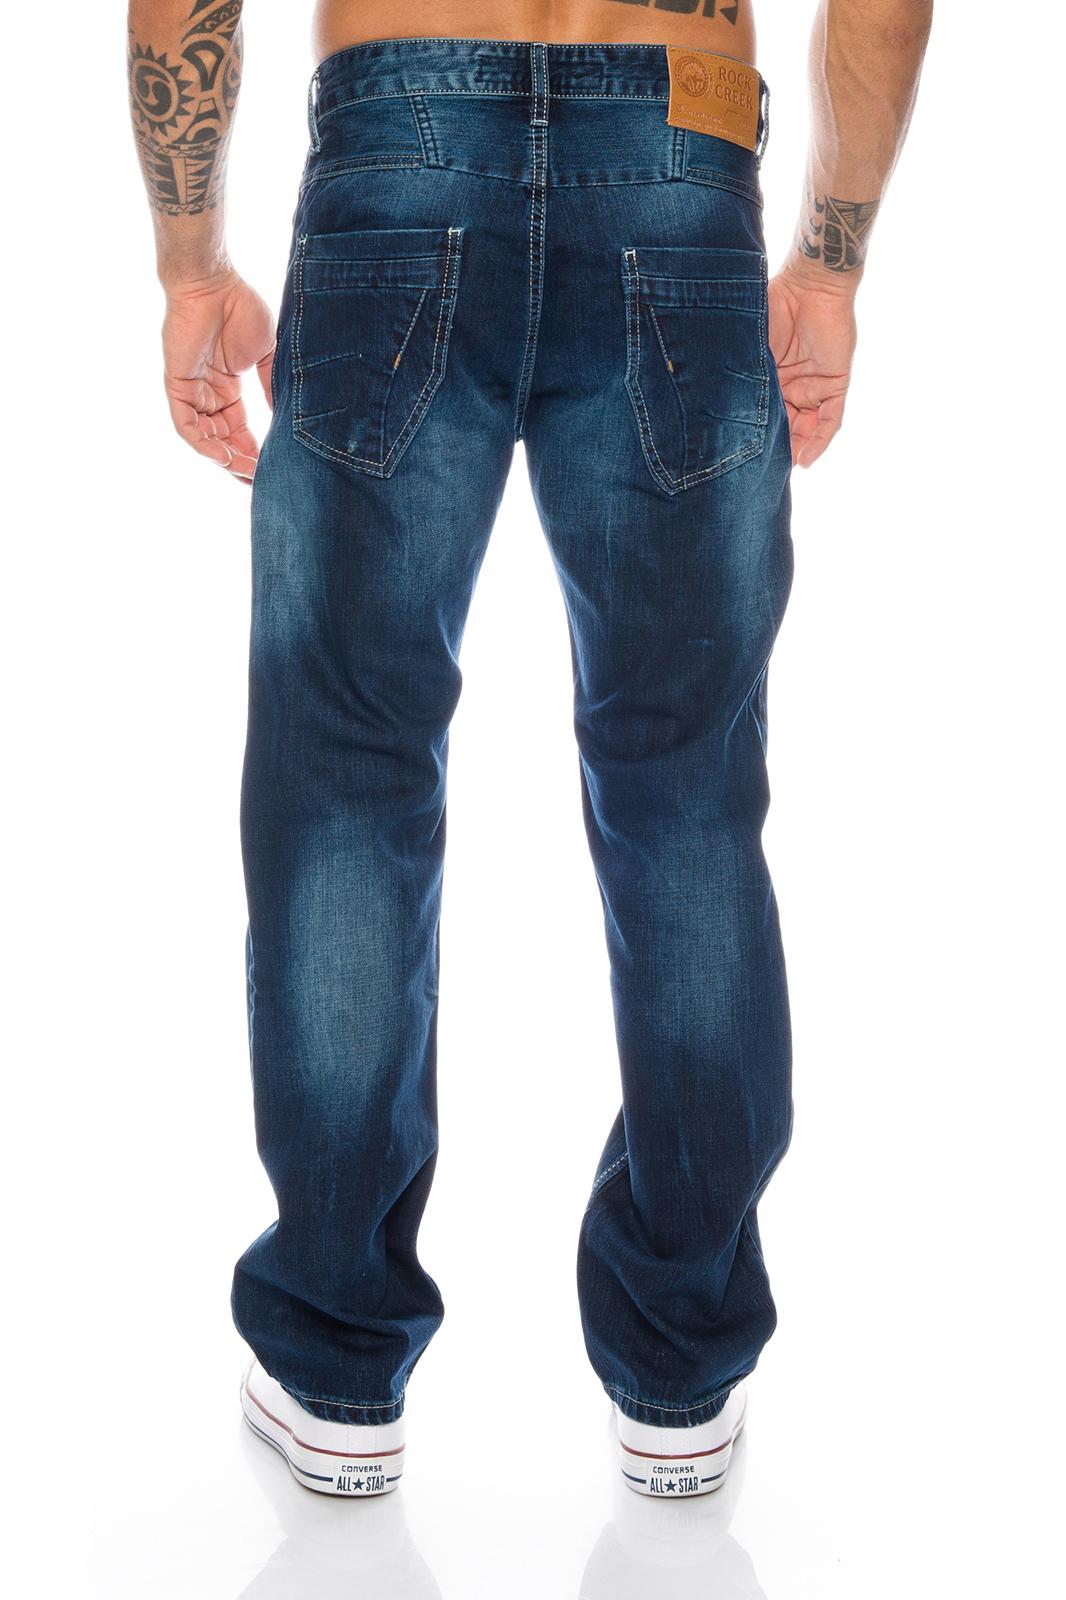 coole jeans herren coole damen herren sneakers jeans. Black Bedroom Furniture Sets. Home Design Ideas